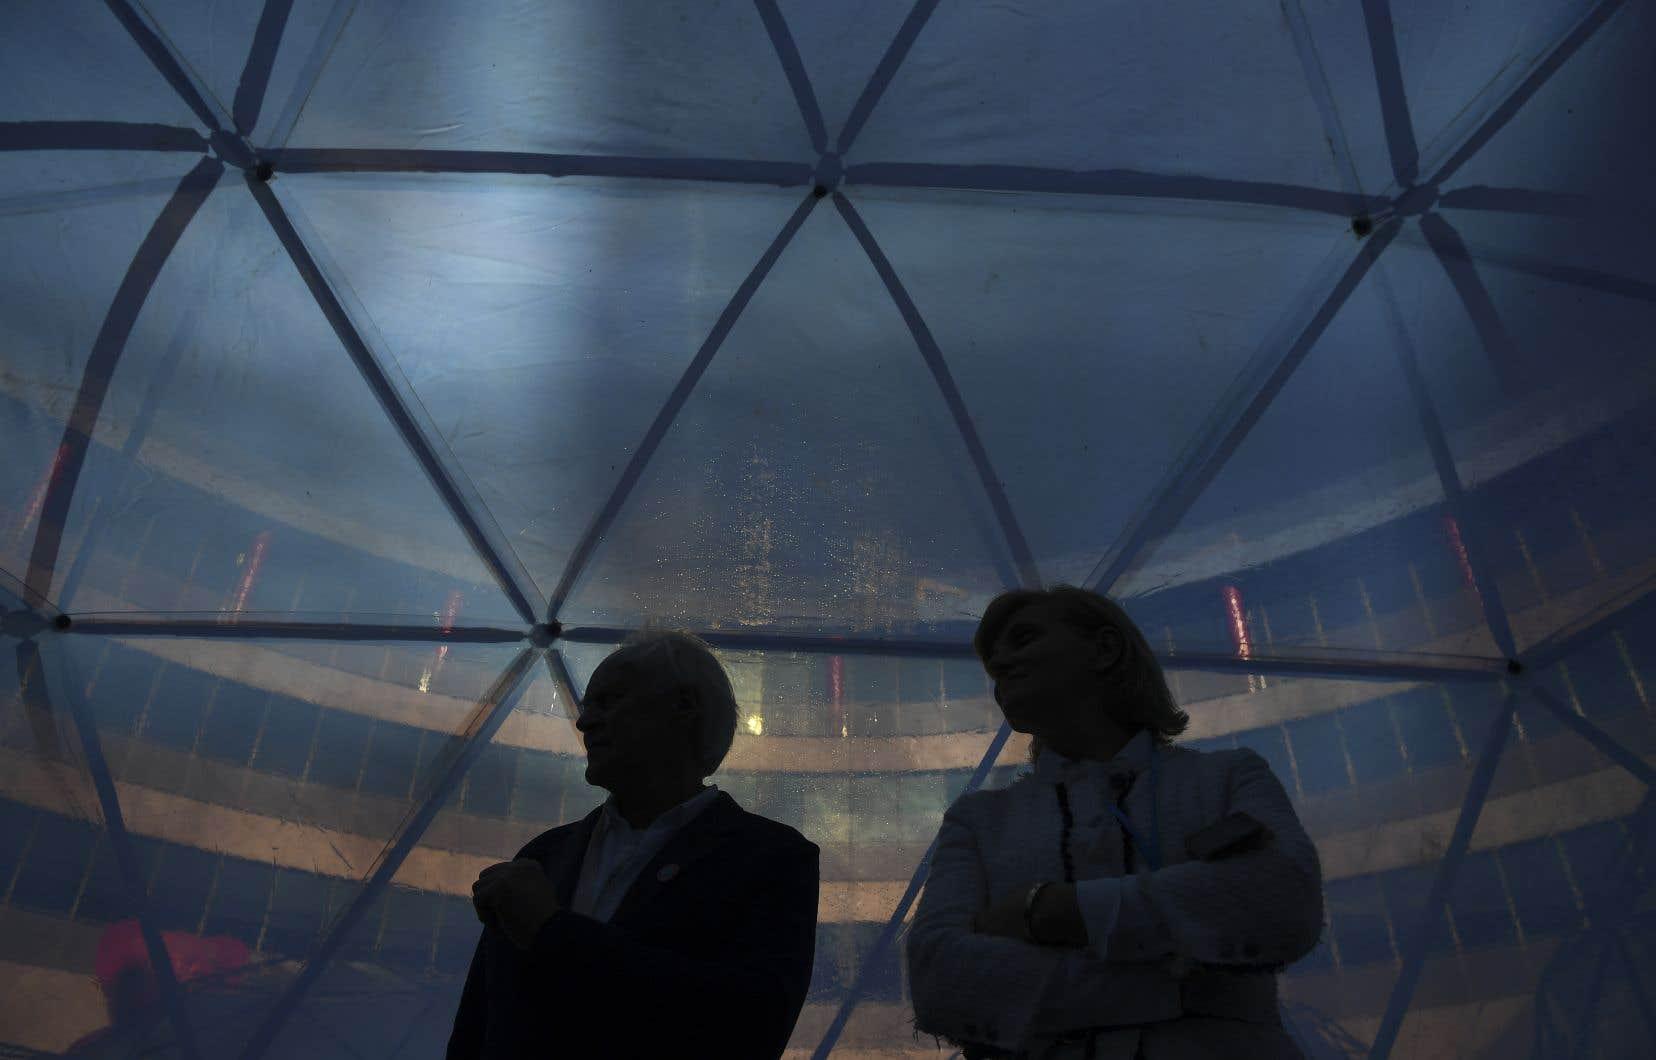 Une installation immersive permet d'expérimenter la réalité quotidienne de la pollution de l'air à la conférence de l'ONU sur le climat, qui se déroule à Madrid.